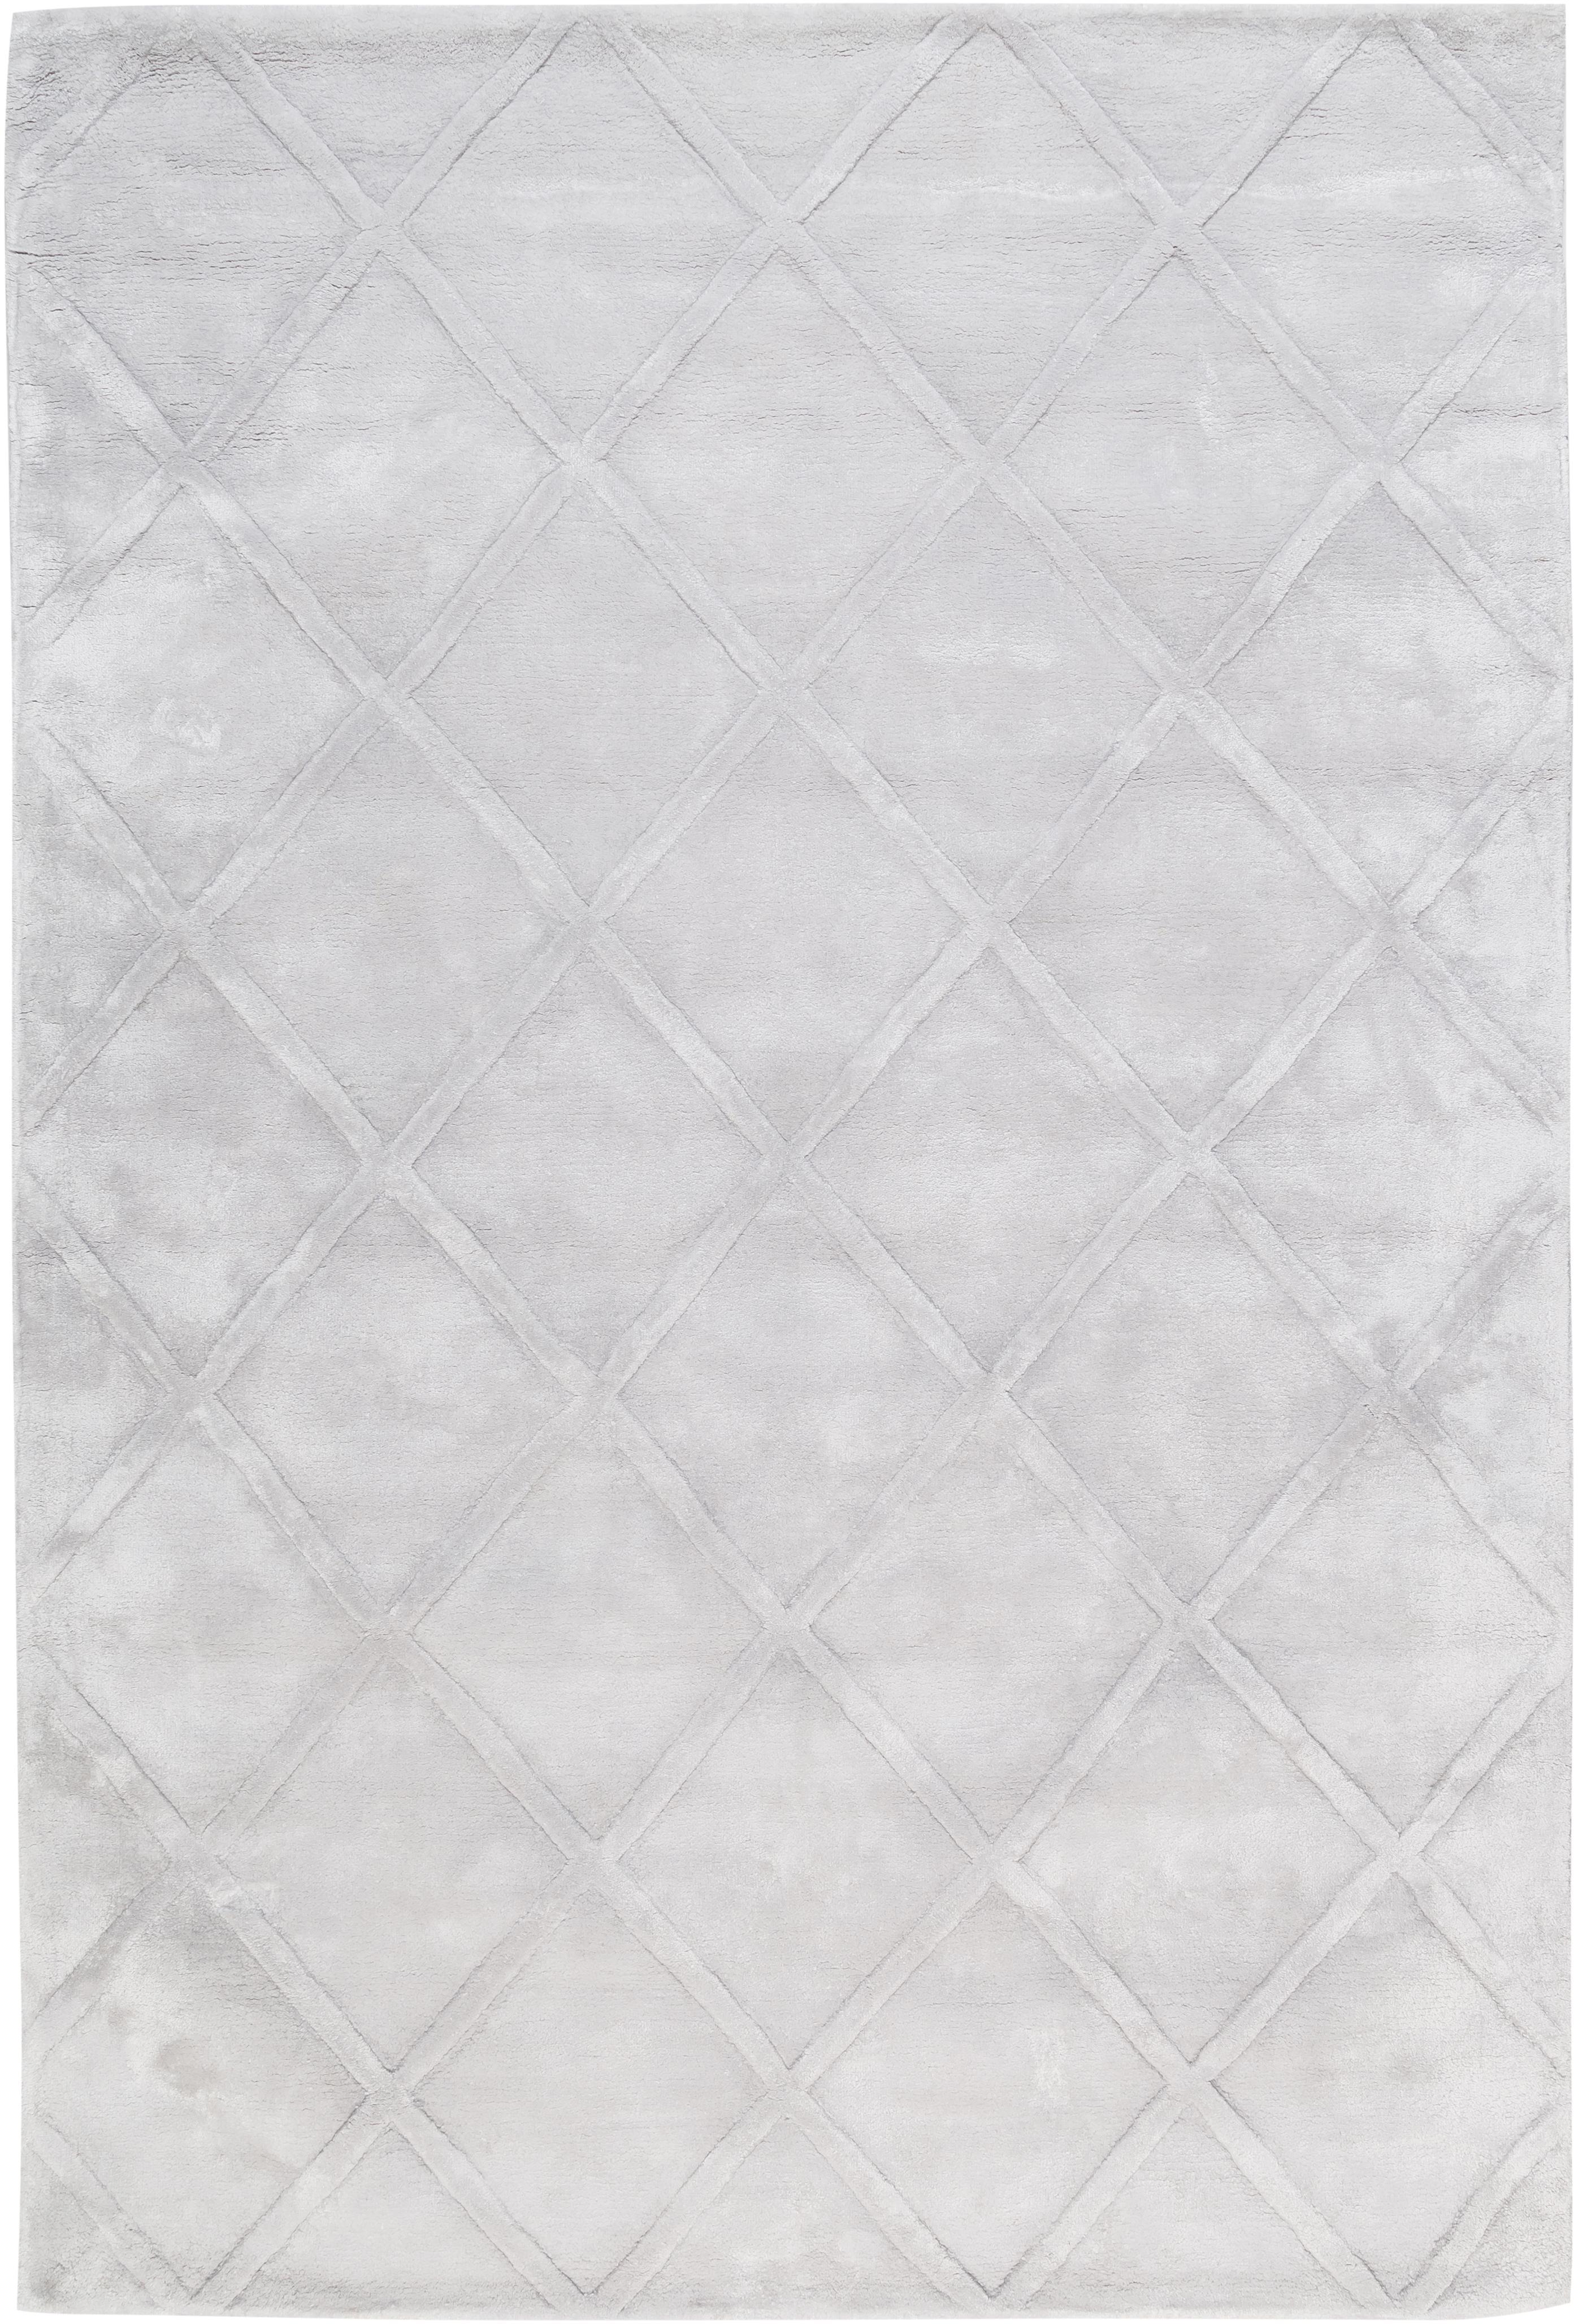 Handgetufteter Viskoseteppich Shiny in Silbergrau mit Rautenmuster, Flor: 100% Viskose, Helles Silbergrau, B 120 x L 180 cm (Grösse S)